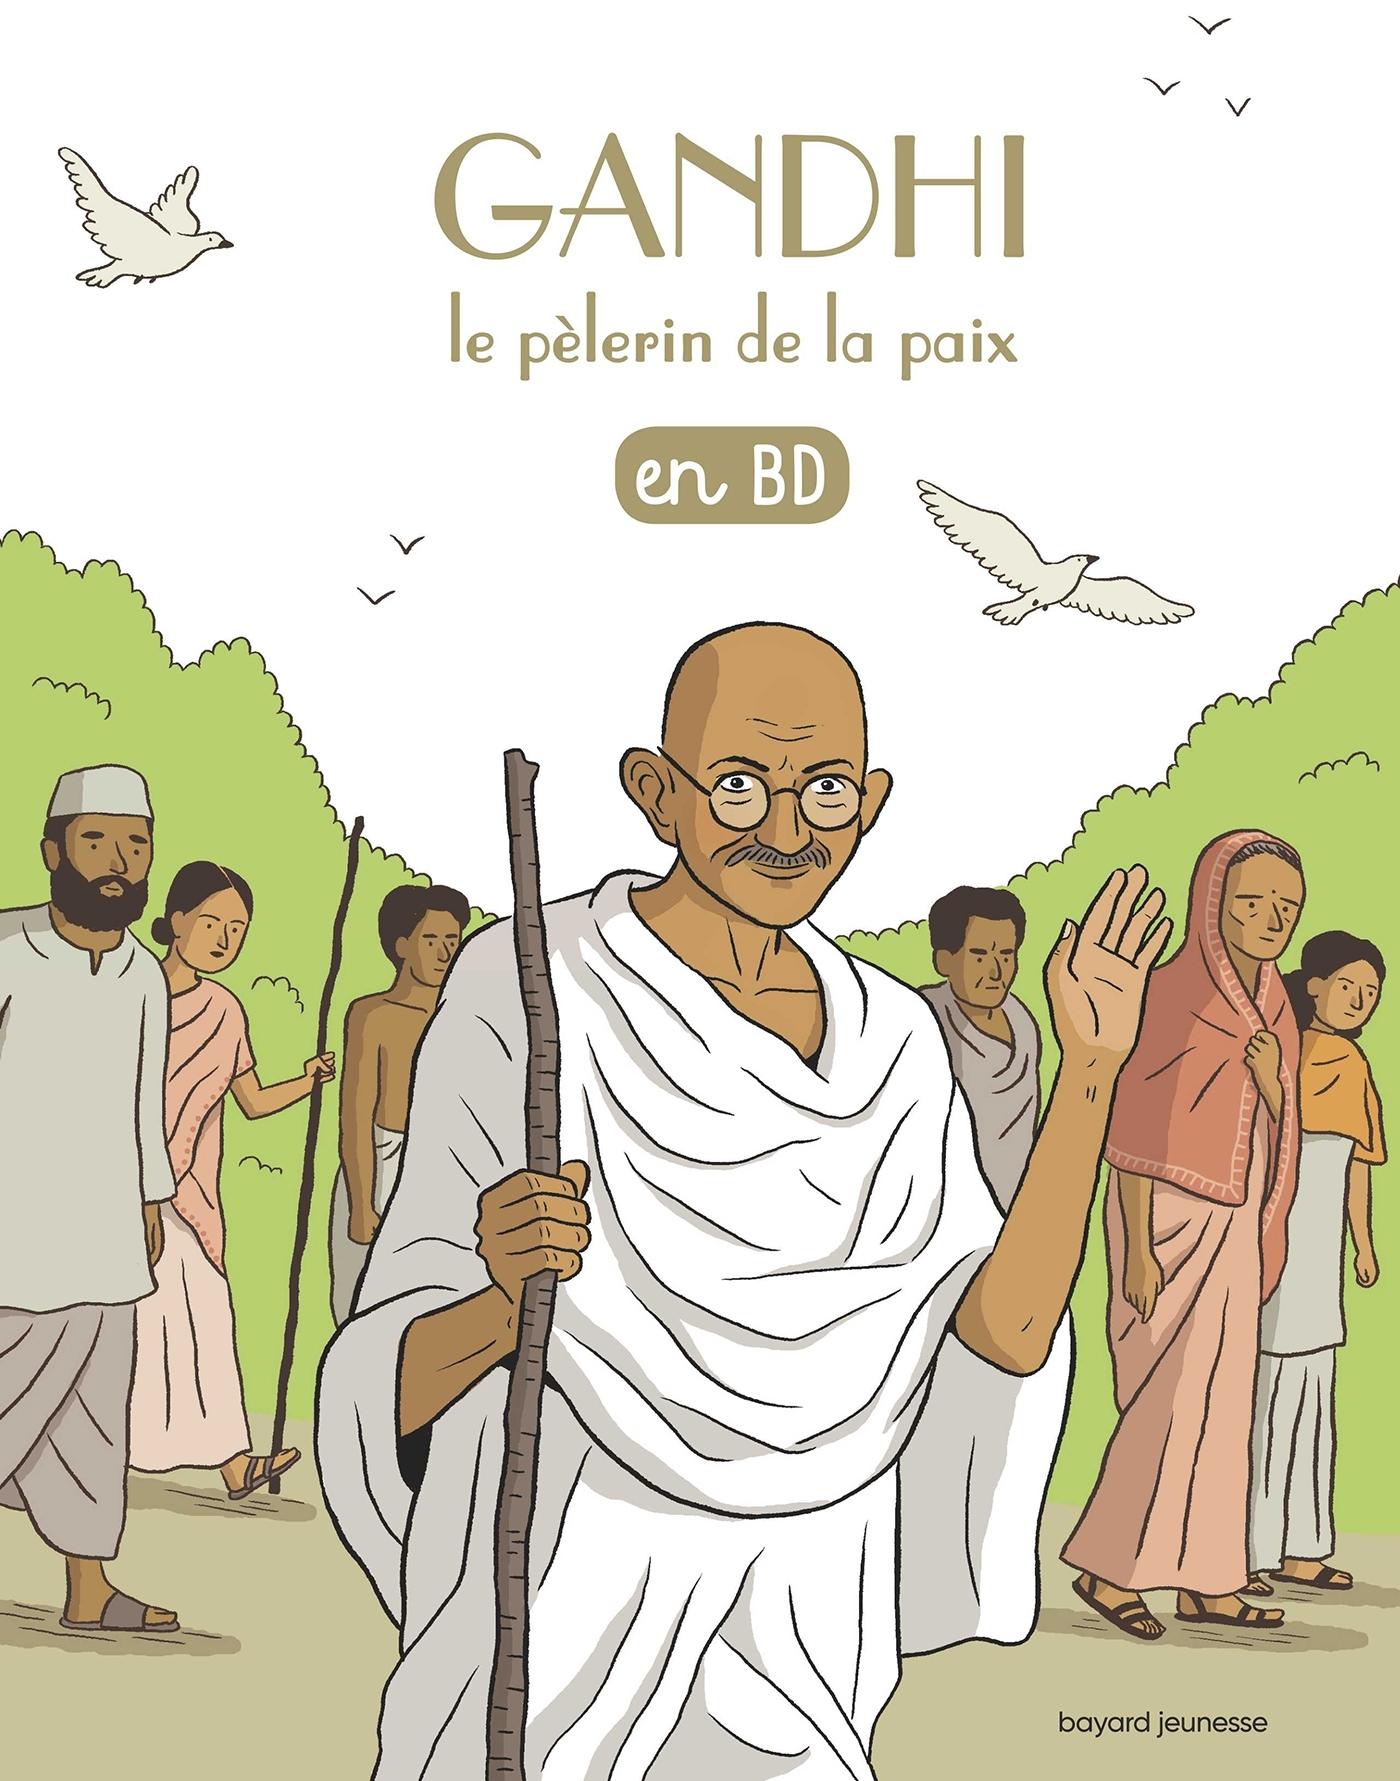 GANDHI, LE PELERIN DE LA PAIX, EN BD